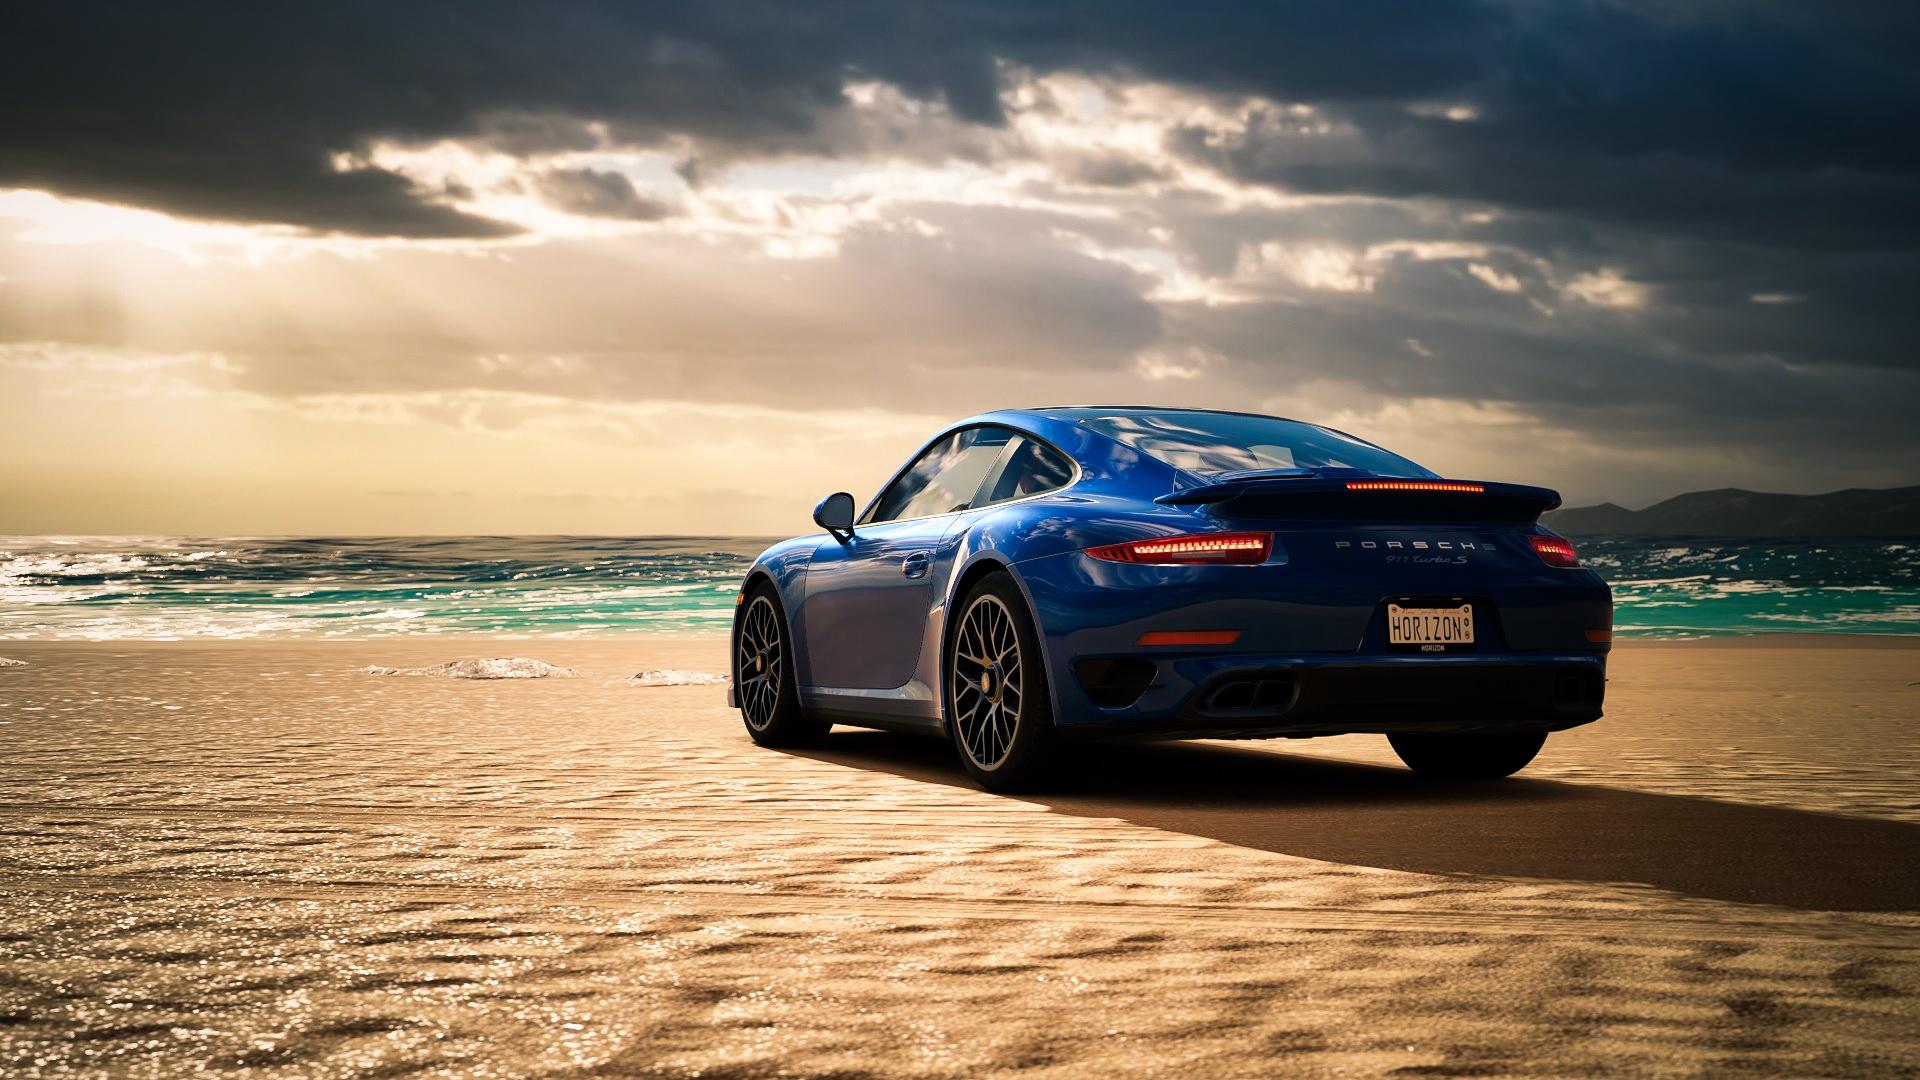 Porsche Hd Wallpapers 1080p: Porsche 911 Turbo HD Wallpaper